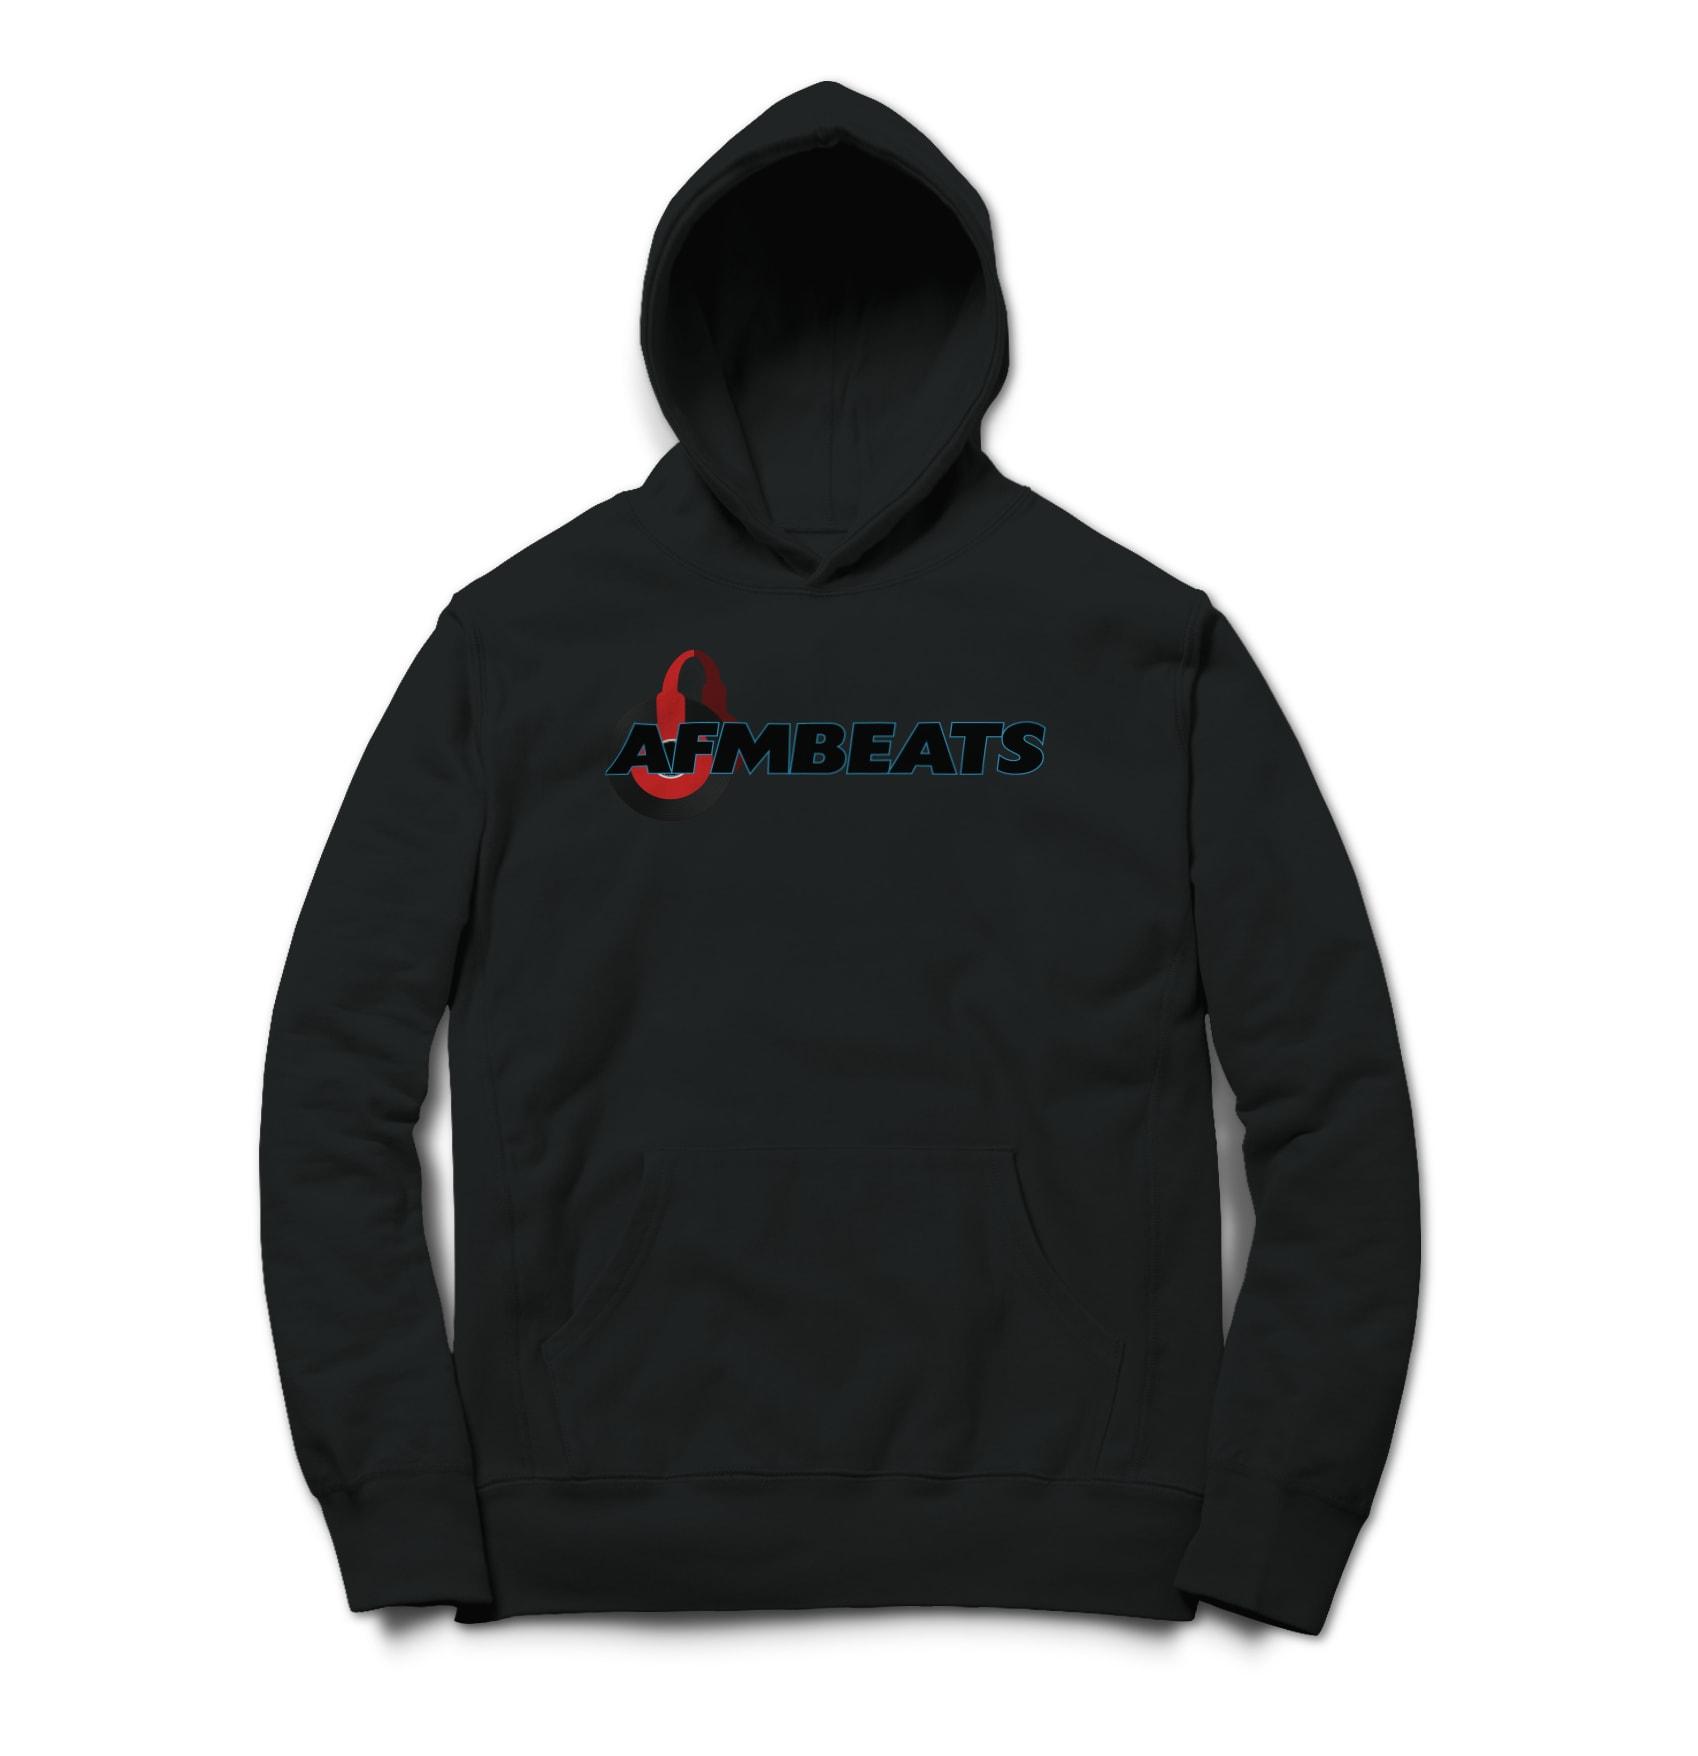 Afmbeats afmbeats logo 1513082245